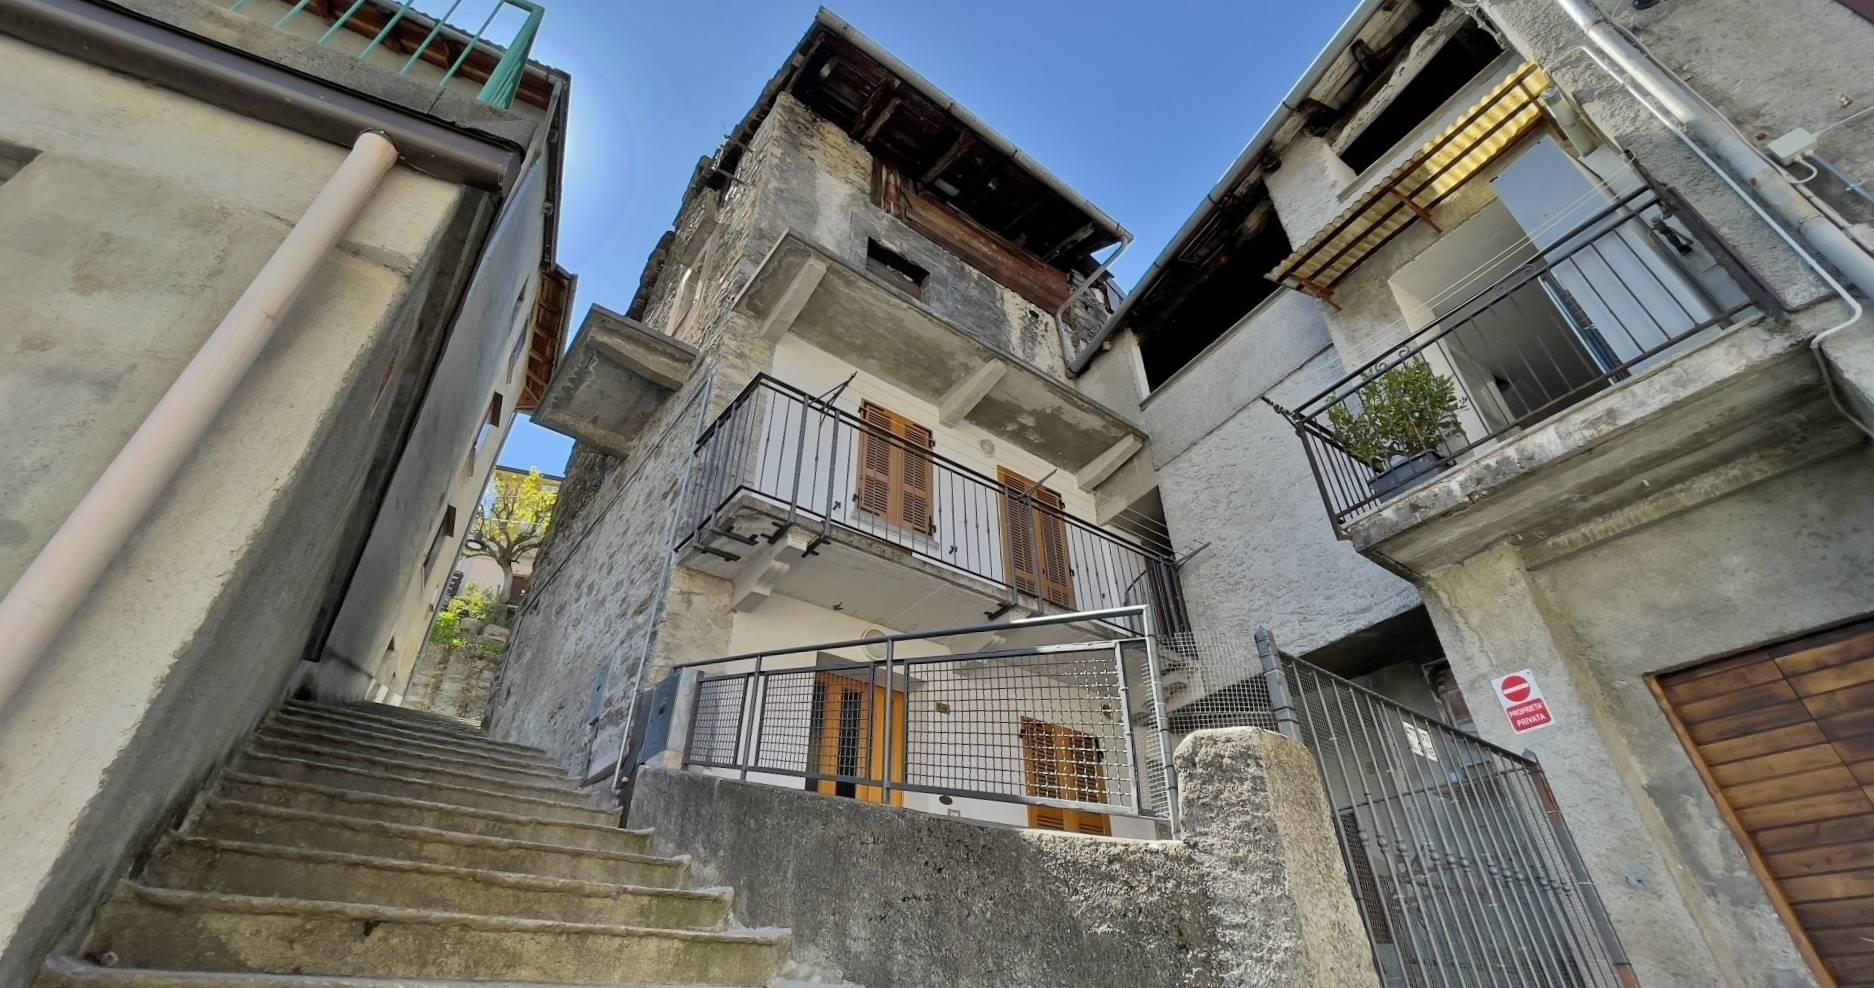 Rustico / Casale in vendita a Rasura, 7 locali, prezzo € 69.000 | CambioCasa.it